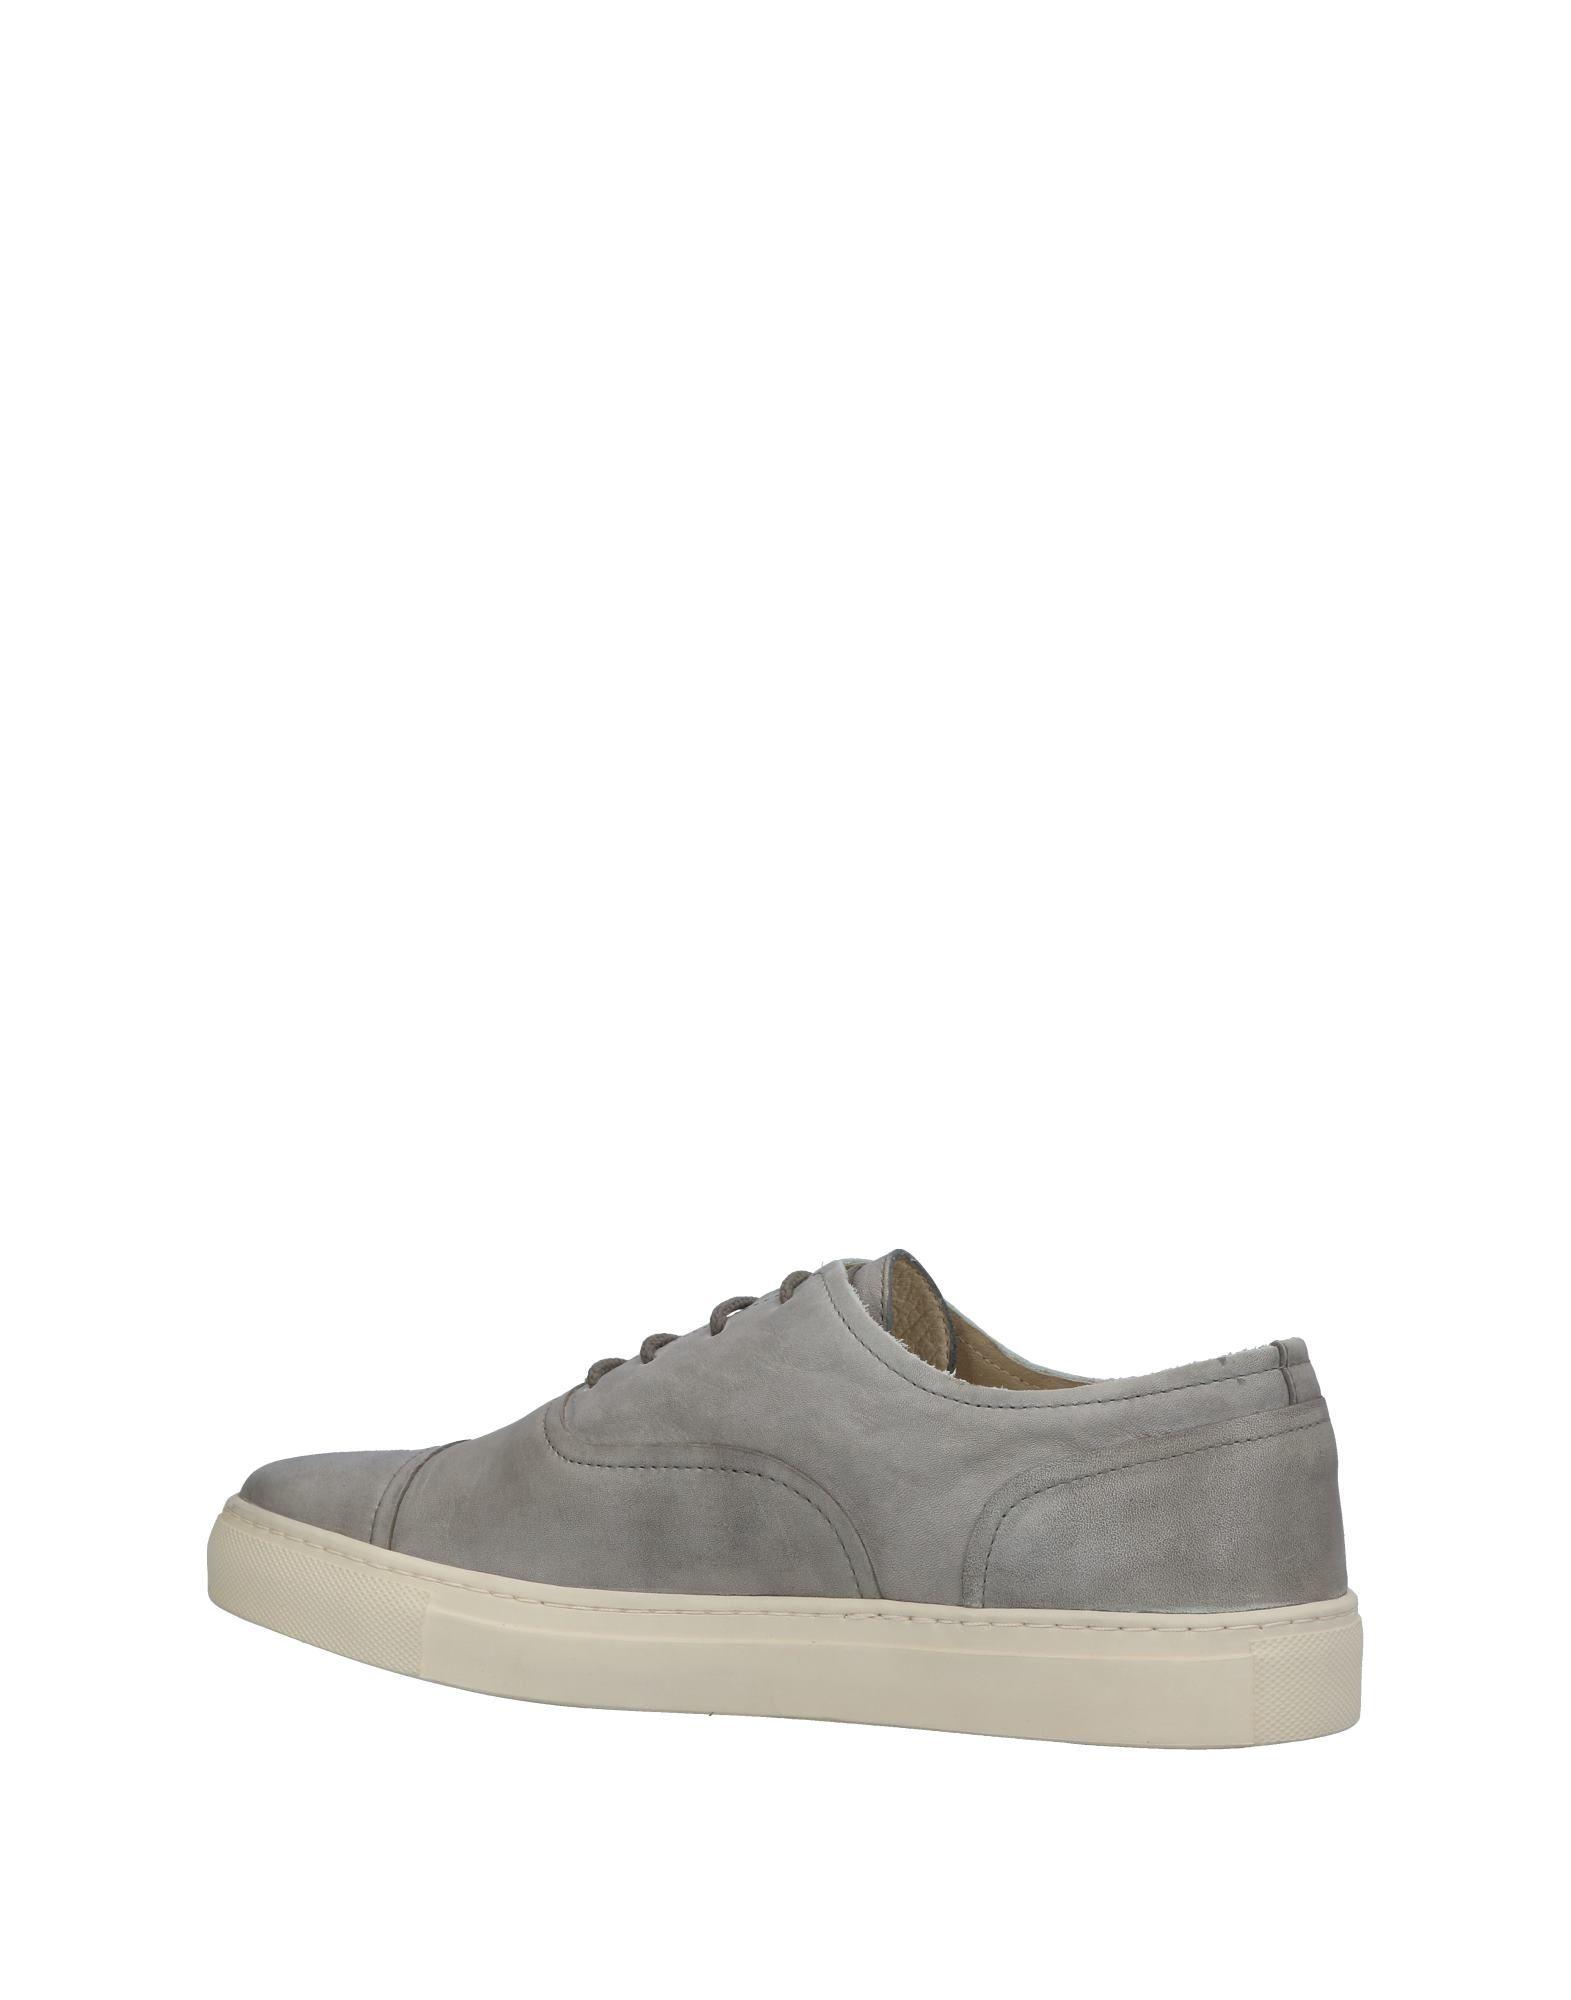 Herren Docksteps Sneakers Herren   11381401NG Heiße Schuhe 20b576